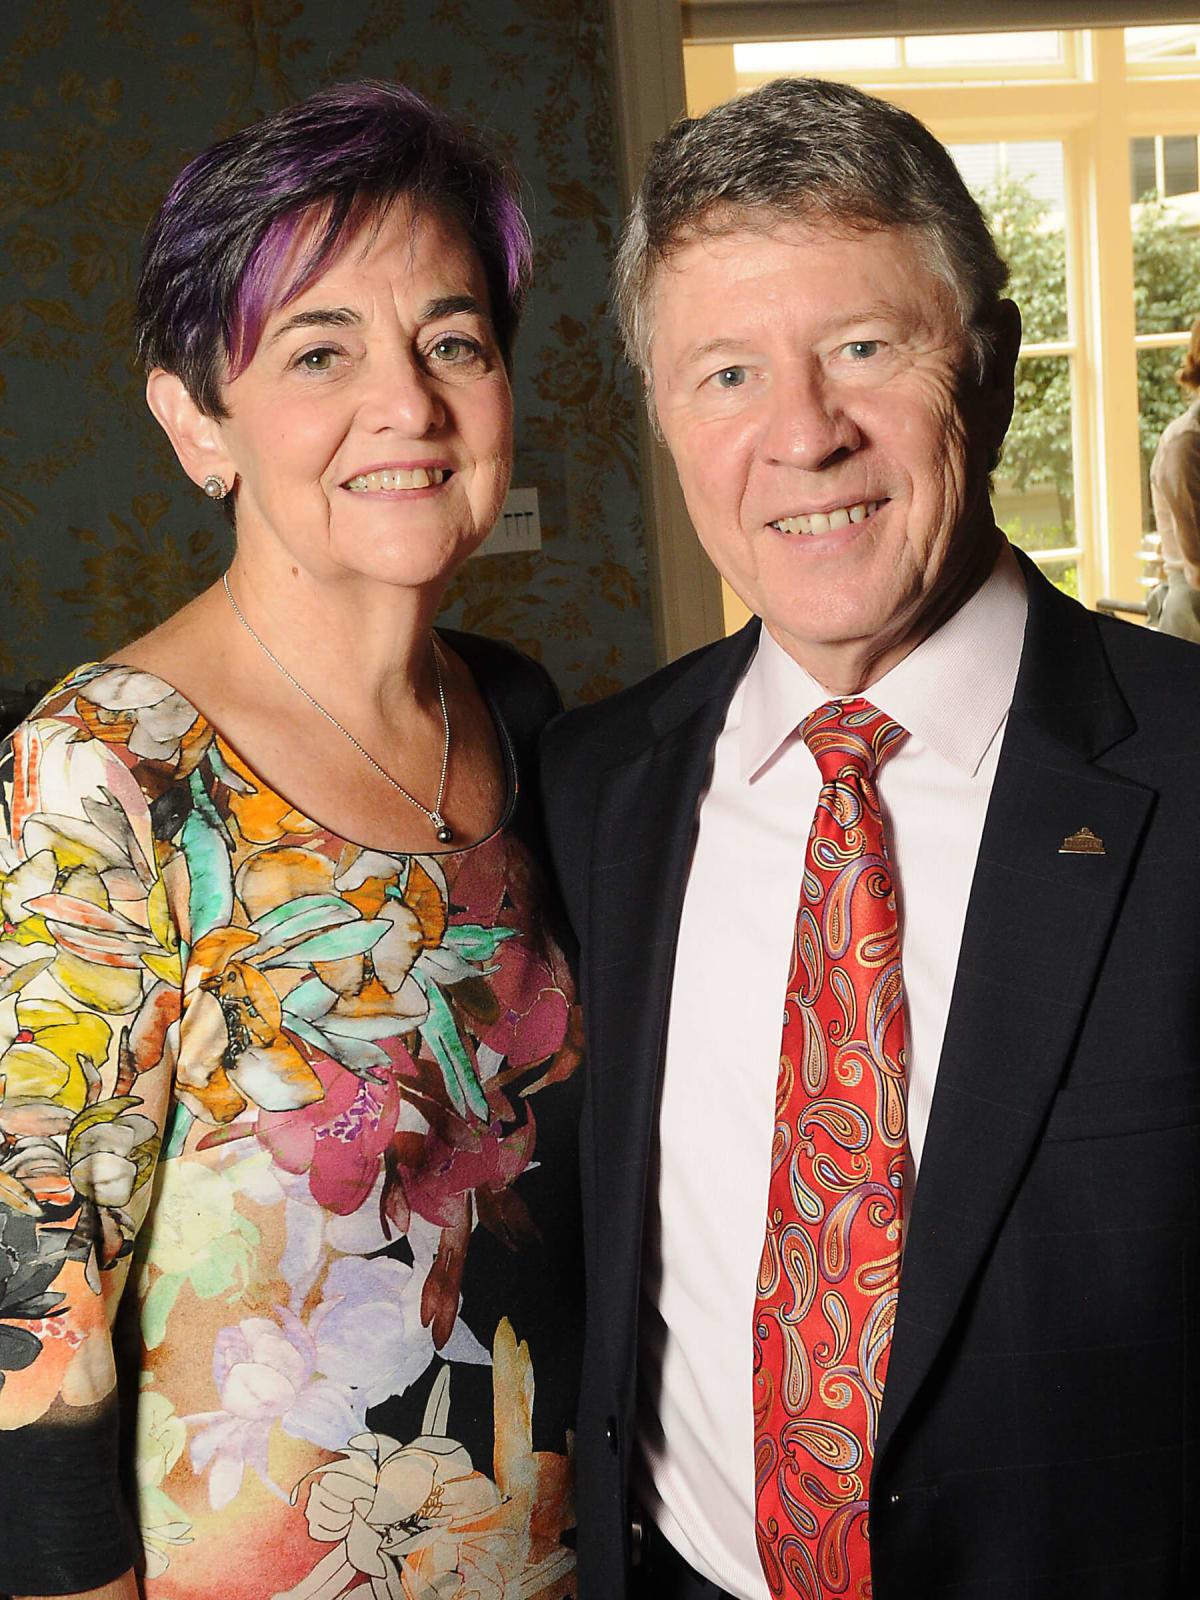 At the Heart of Families, 9/16  Gwen Emmett, Ed Emmett